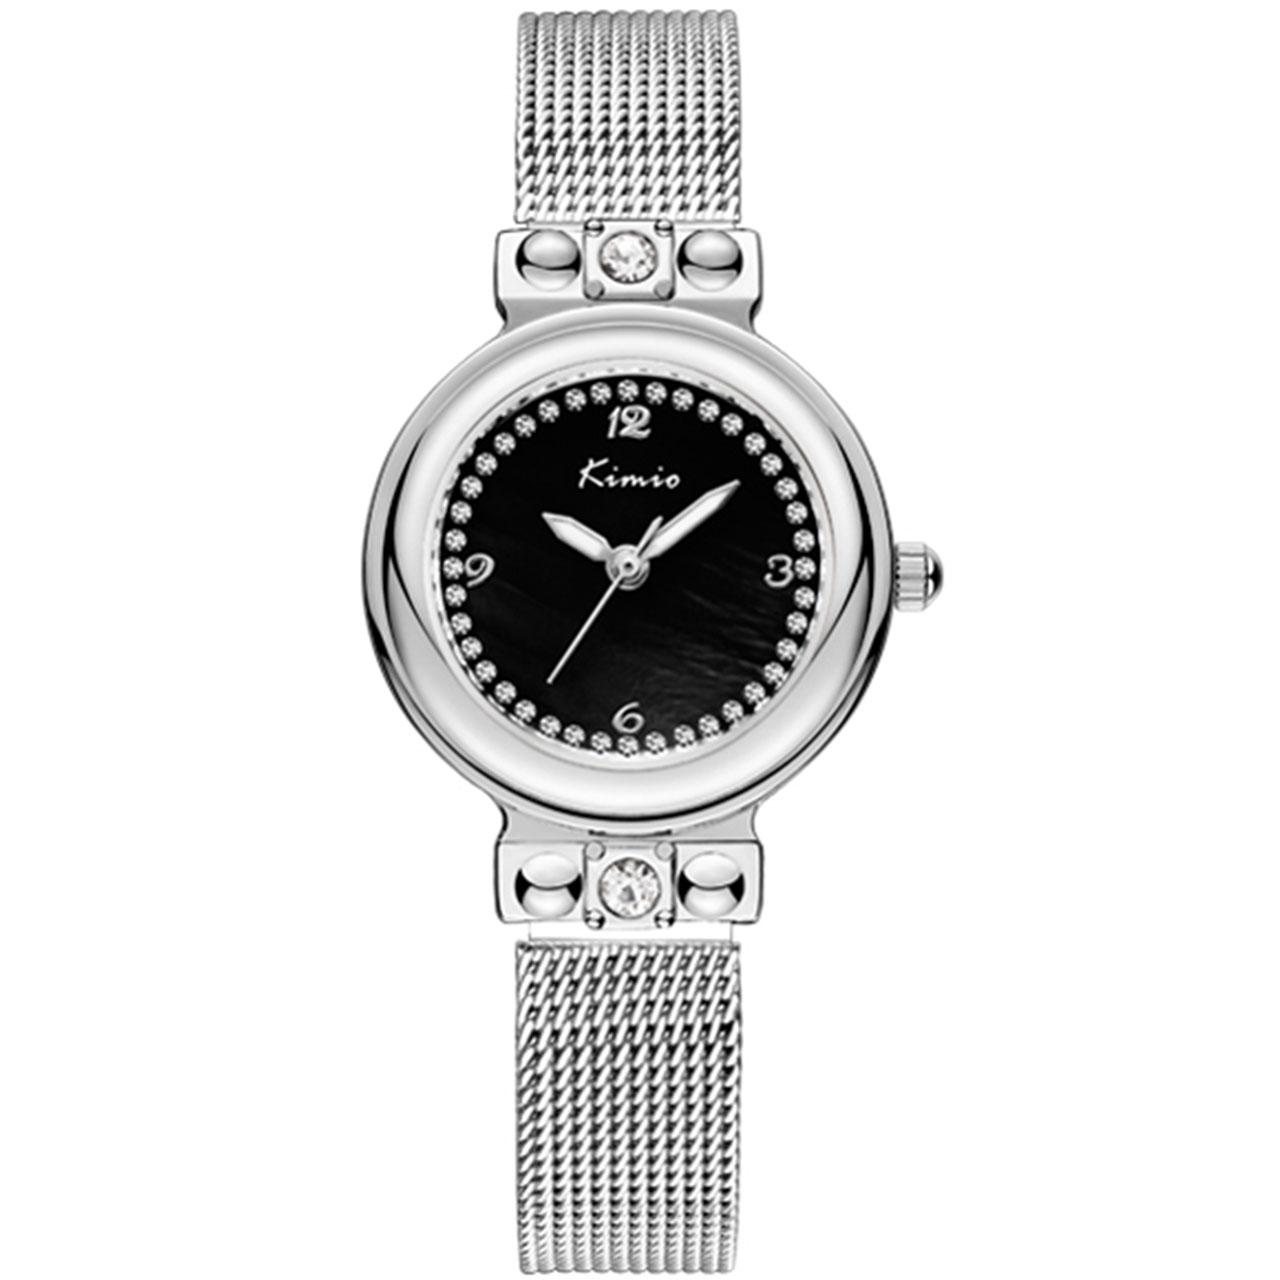 ساعت مچی عقربه ای زنانه کیمیو مدل K6148S-CZ1WWH